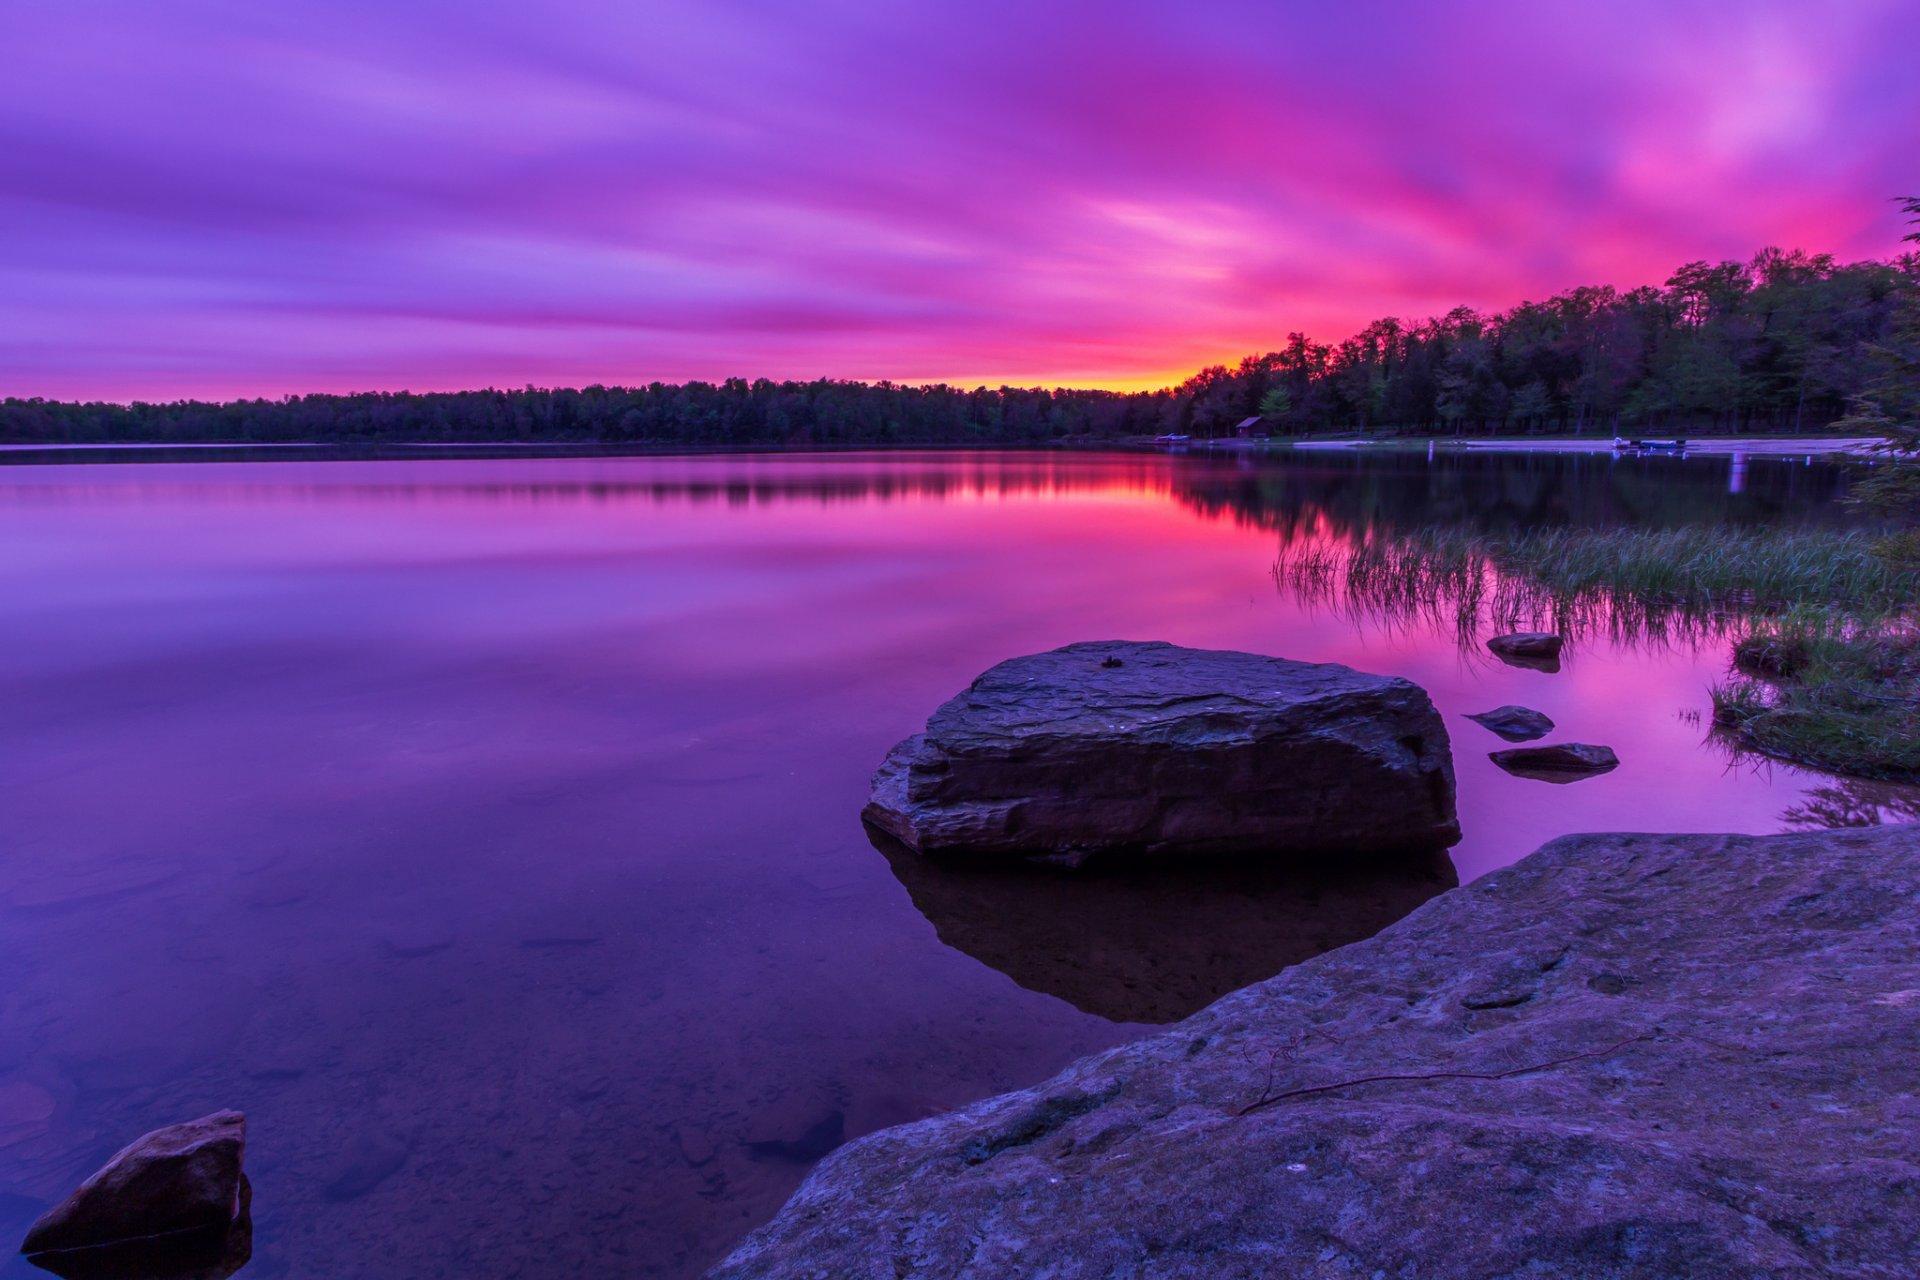 Закат озеро камни загрузить